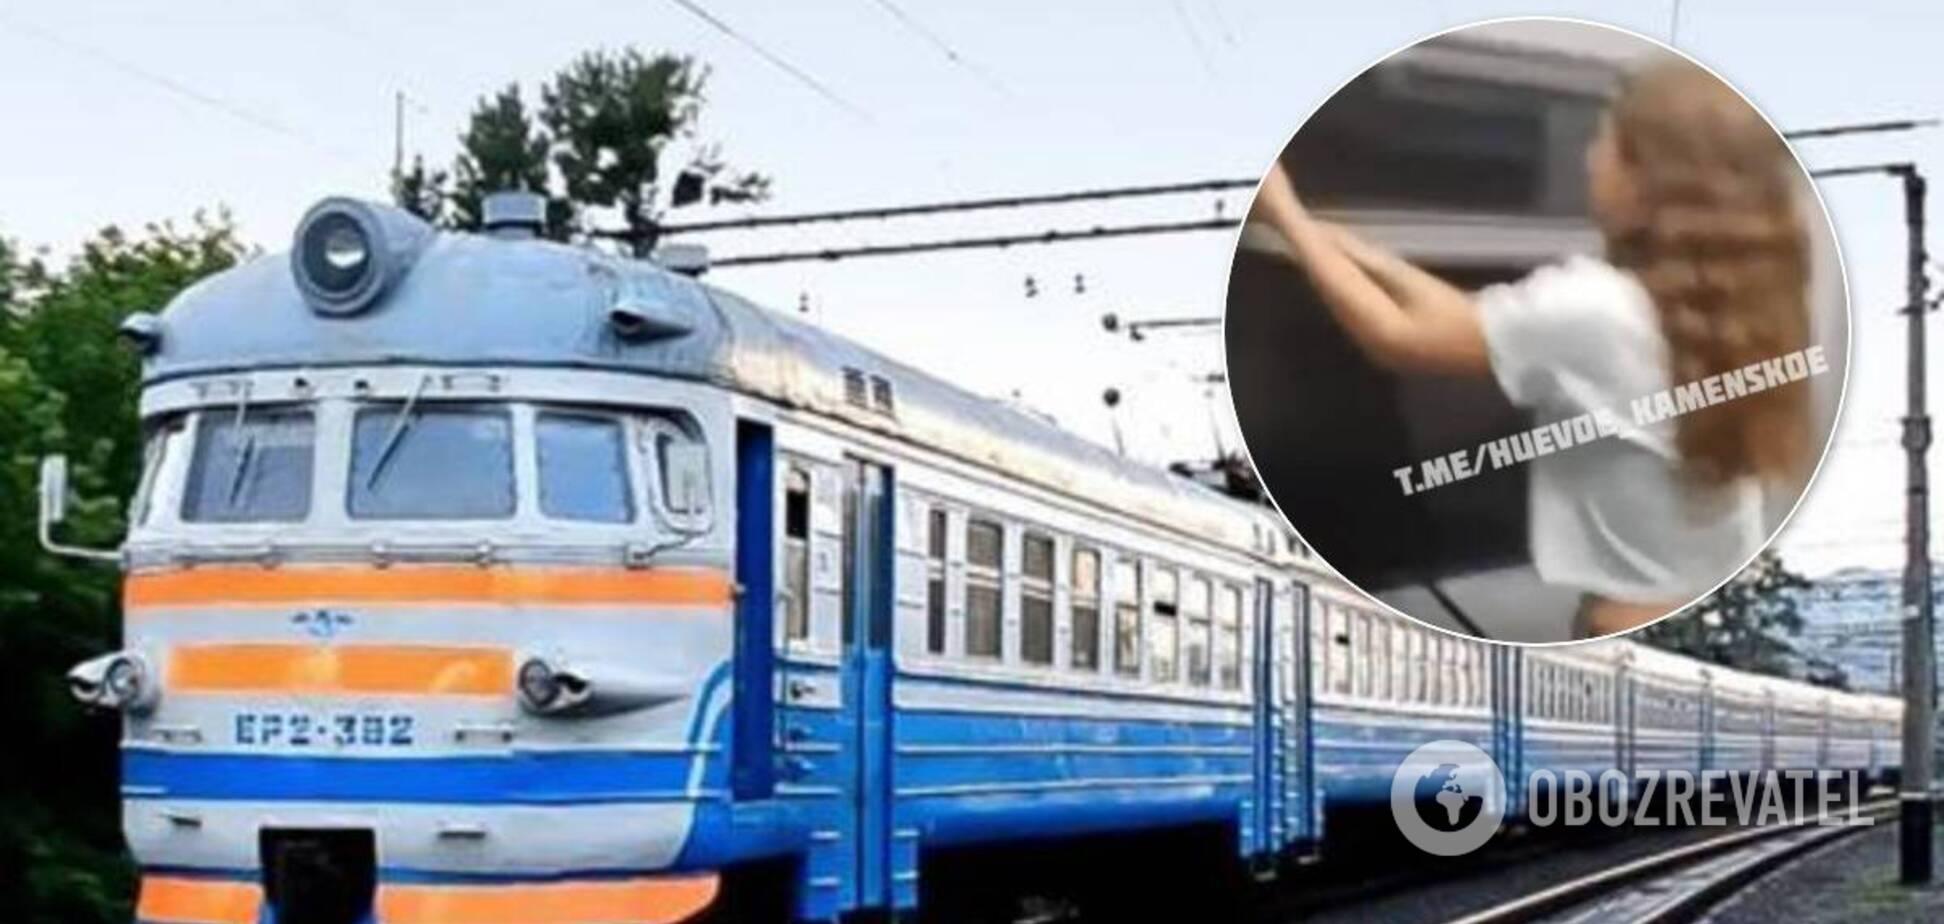 Підлітки розгромили вагон електрички Кам'янське-Дніпро: в мережі обурені. Відео